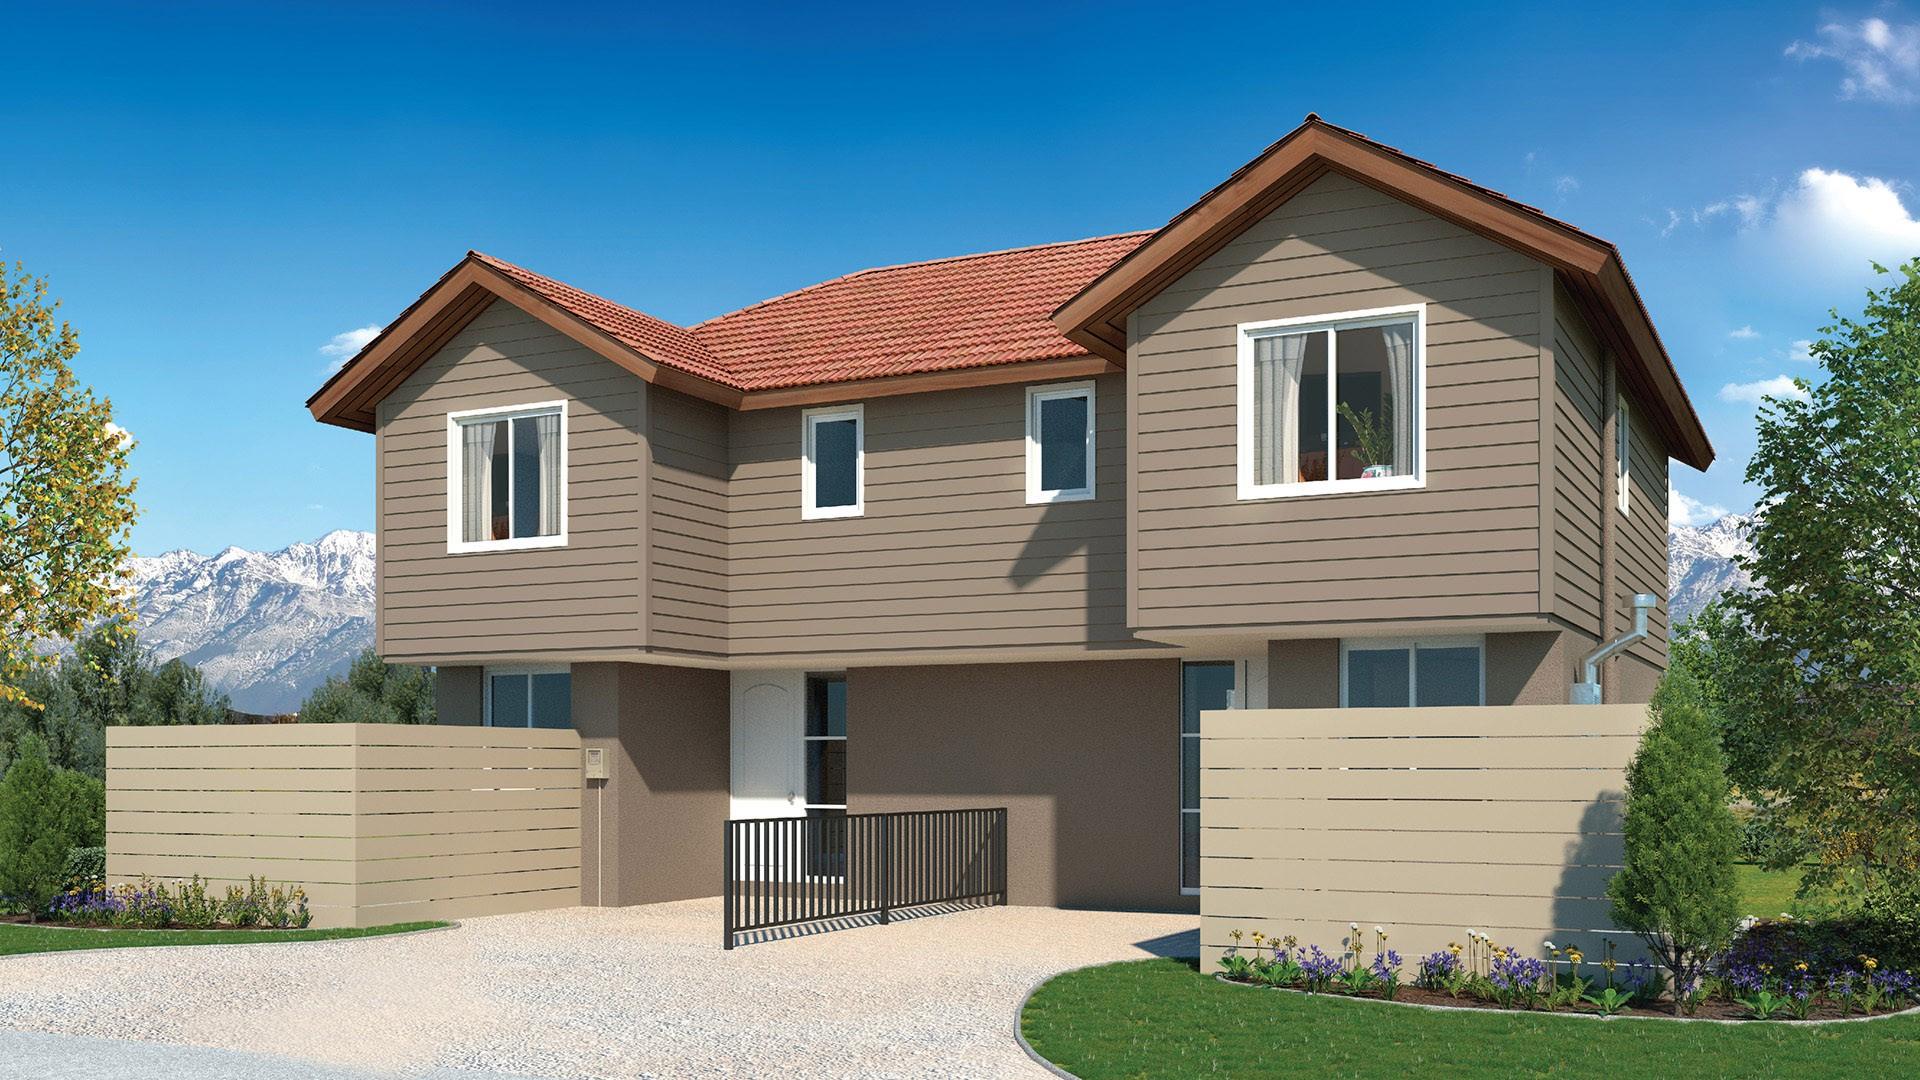 casa en venta 2000 uf